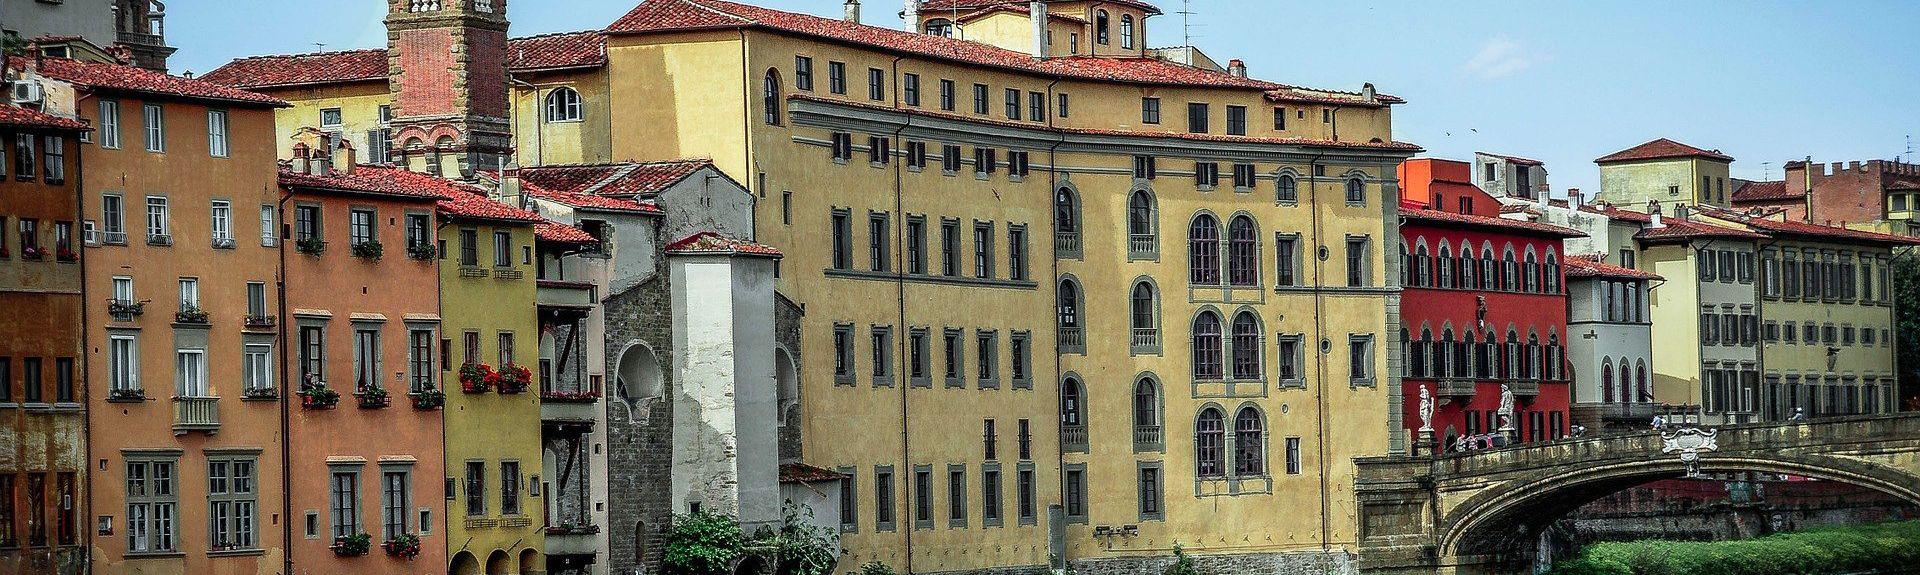 San Niccolò, Florence, Italy